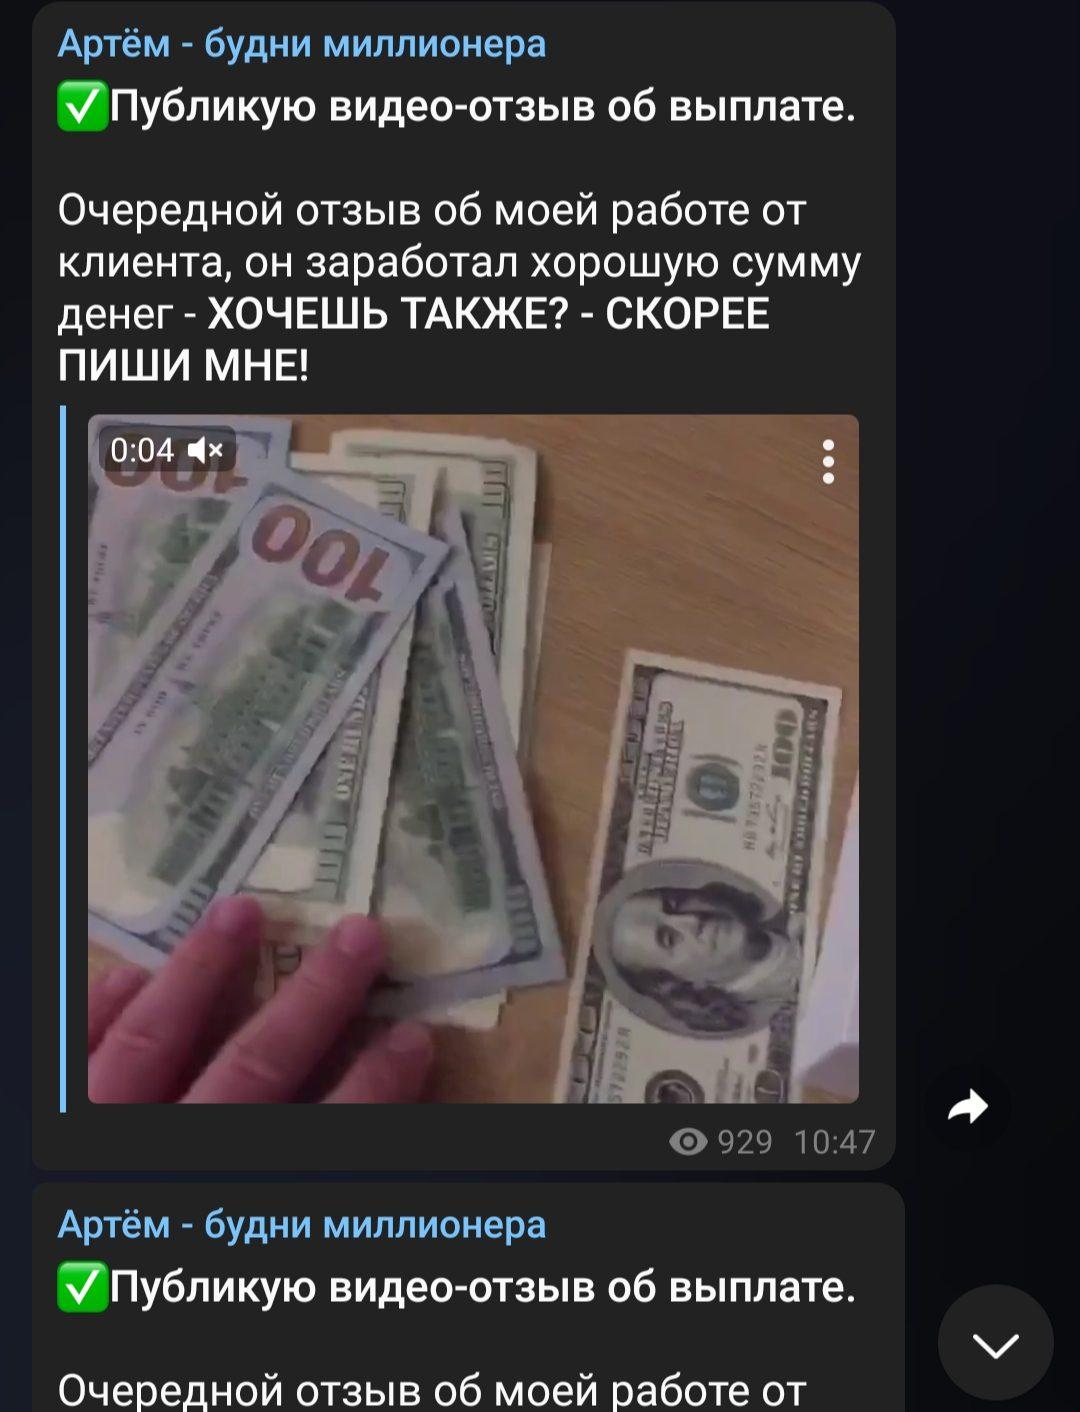 Артём Попков будни миллионера в Телеграмме - демонстрация денег